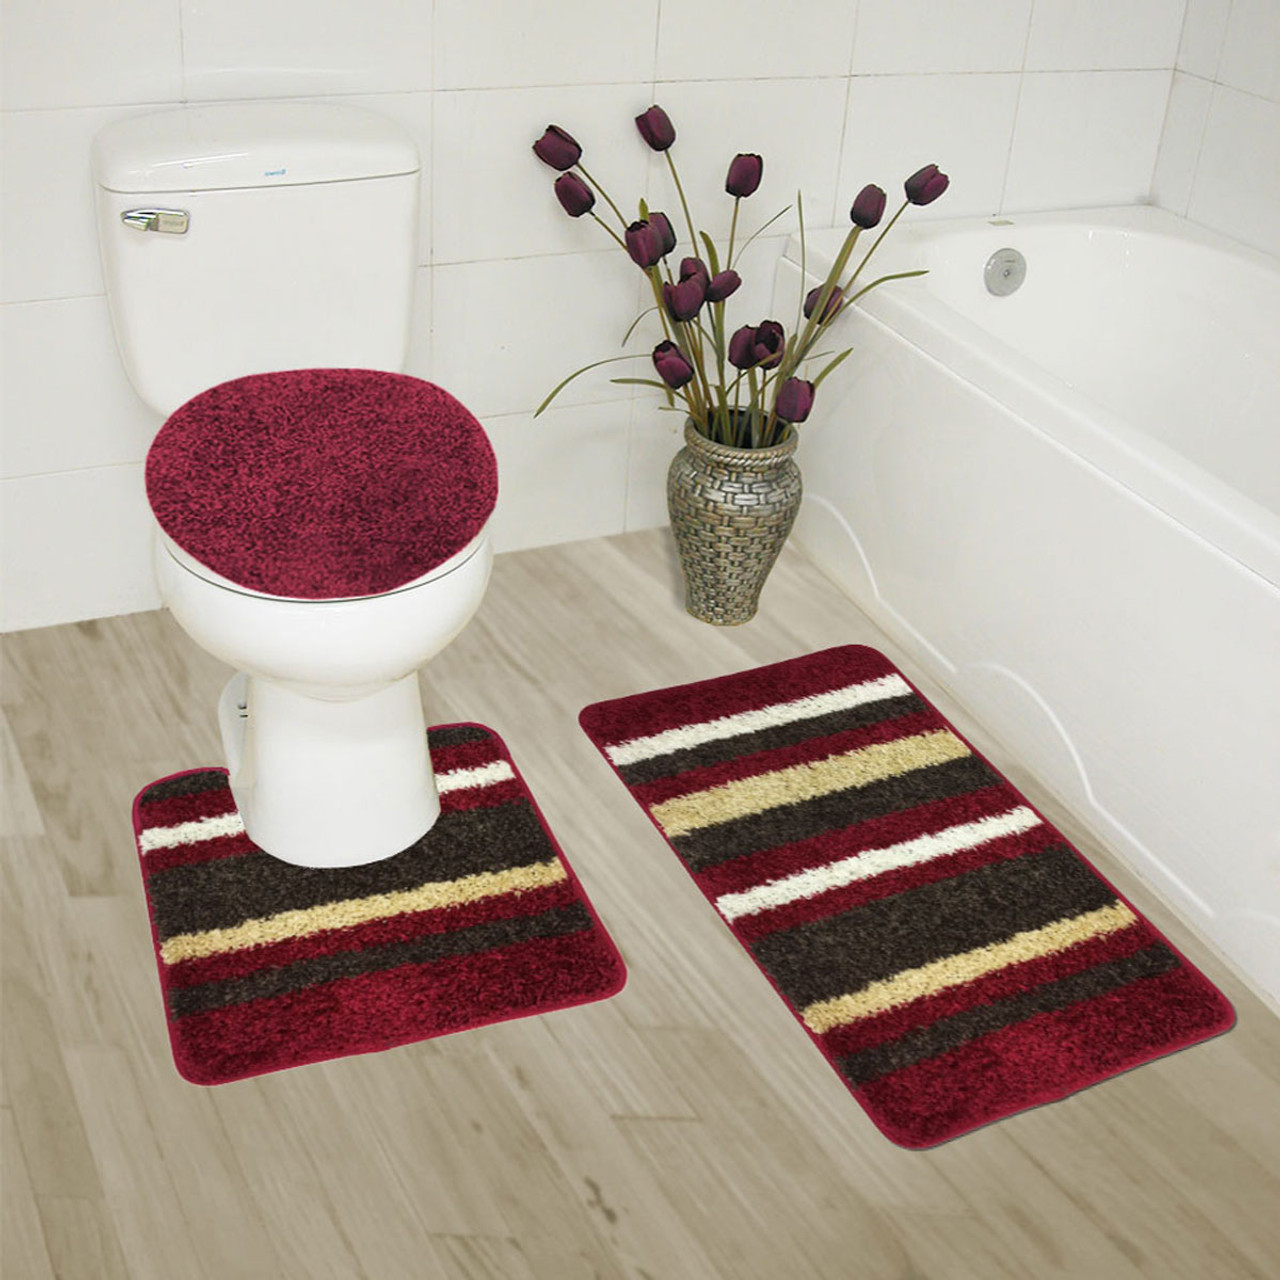 Superior Abby 3 Piece Bathroom Rug Set, Bath Rug, Contour Rug, Lid Cover,